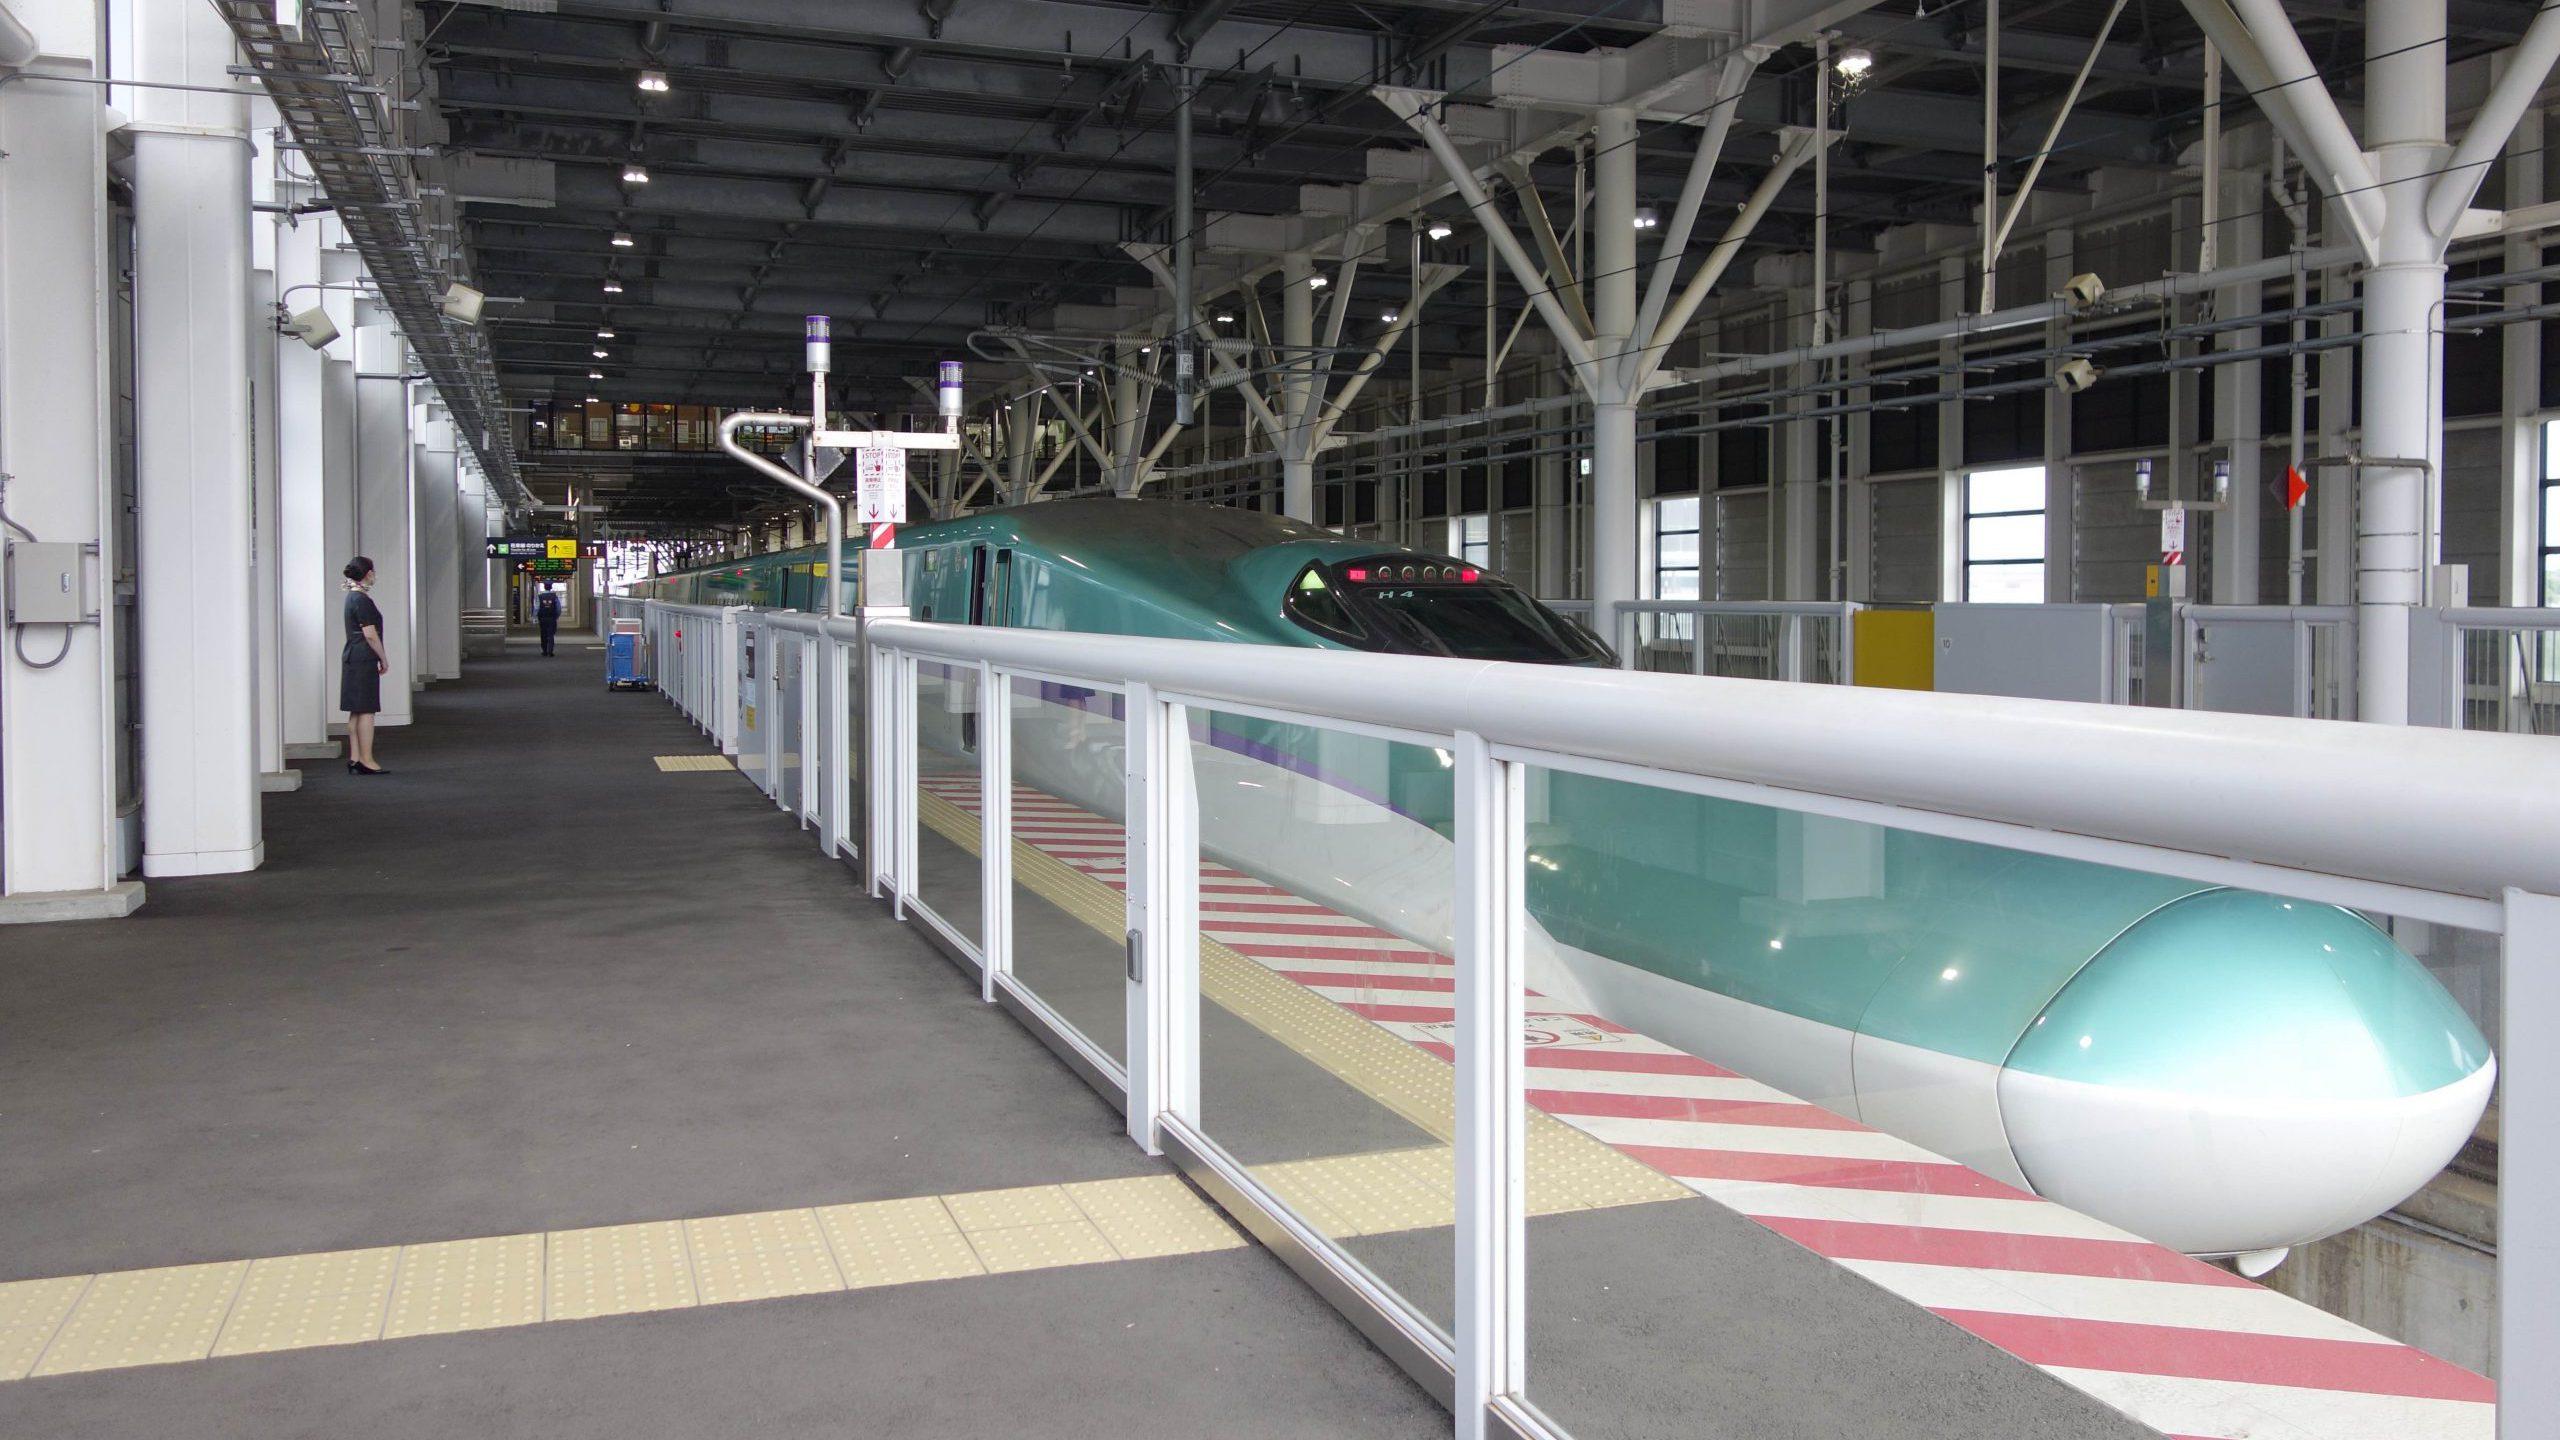 Train Trip: Hokkaido Shinkansen